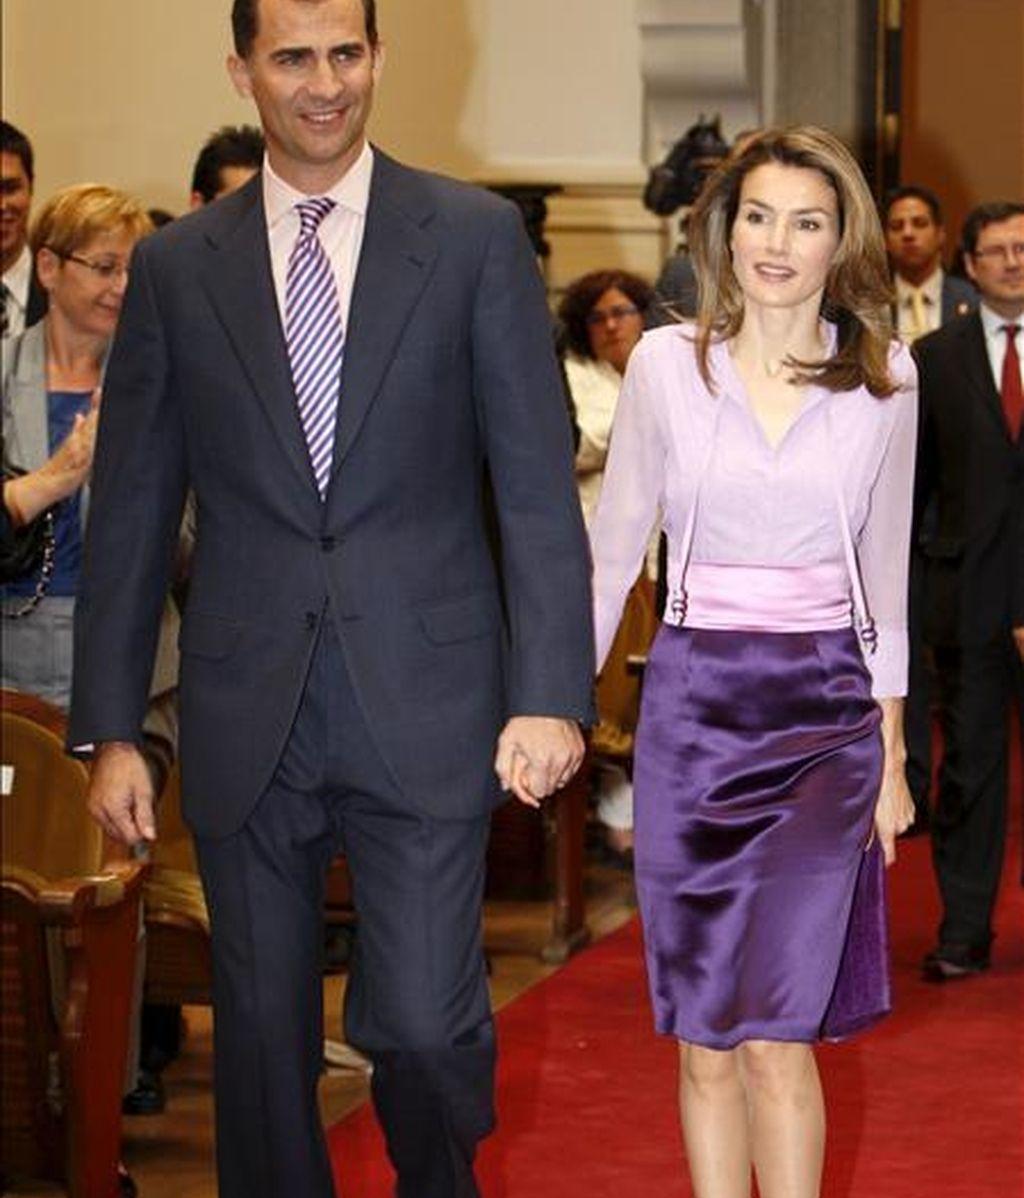 Los Príncipes de Asturias, a su llegada a la Real Academia de Bellas Artes de San Fernando donde han presidido la entrega de las becas para estudios de postgrado en el extranjero de la Fundación Caja Madrid. EFE